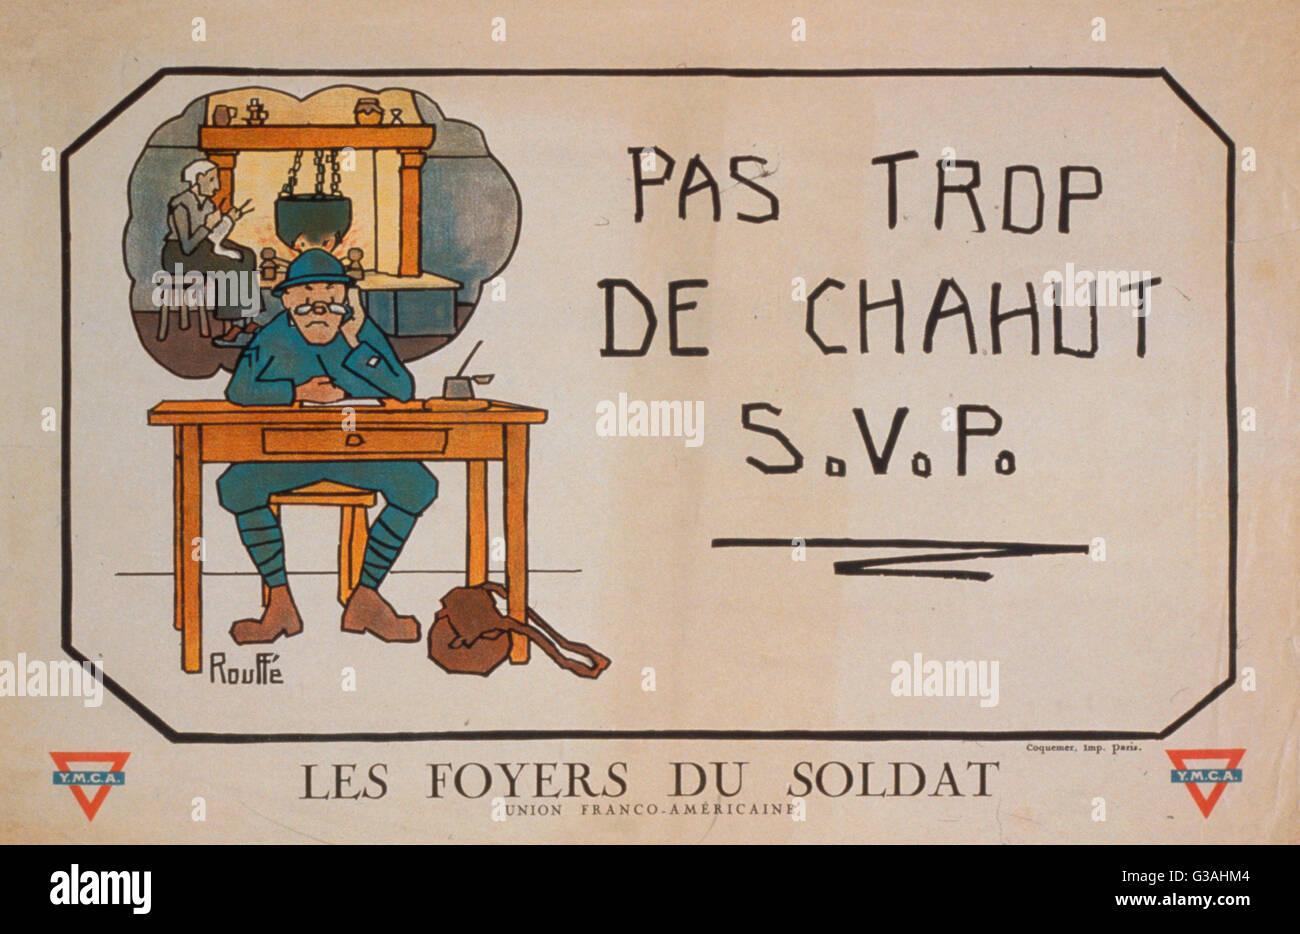 Pas Trop De Chahut Svp Les Foyer Du Soldat Soldat Einen Brief